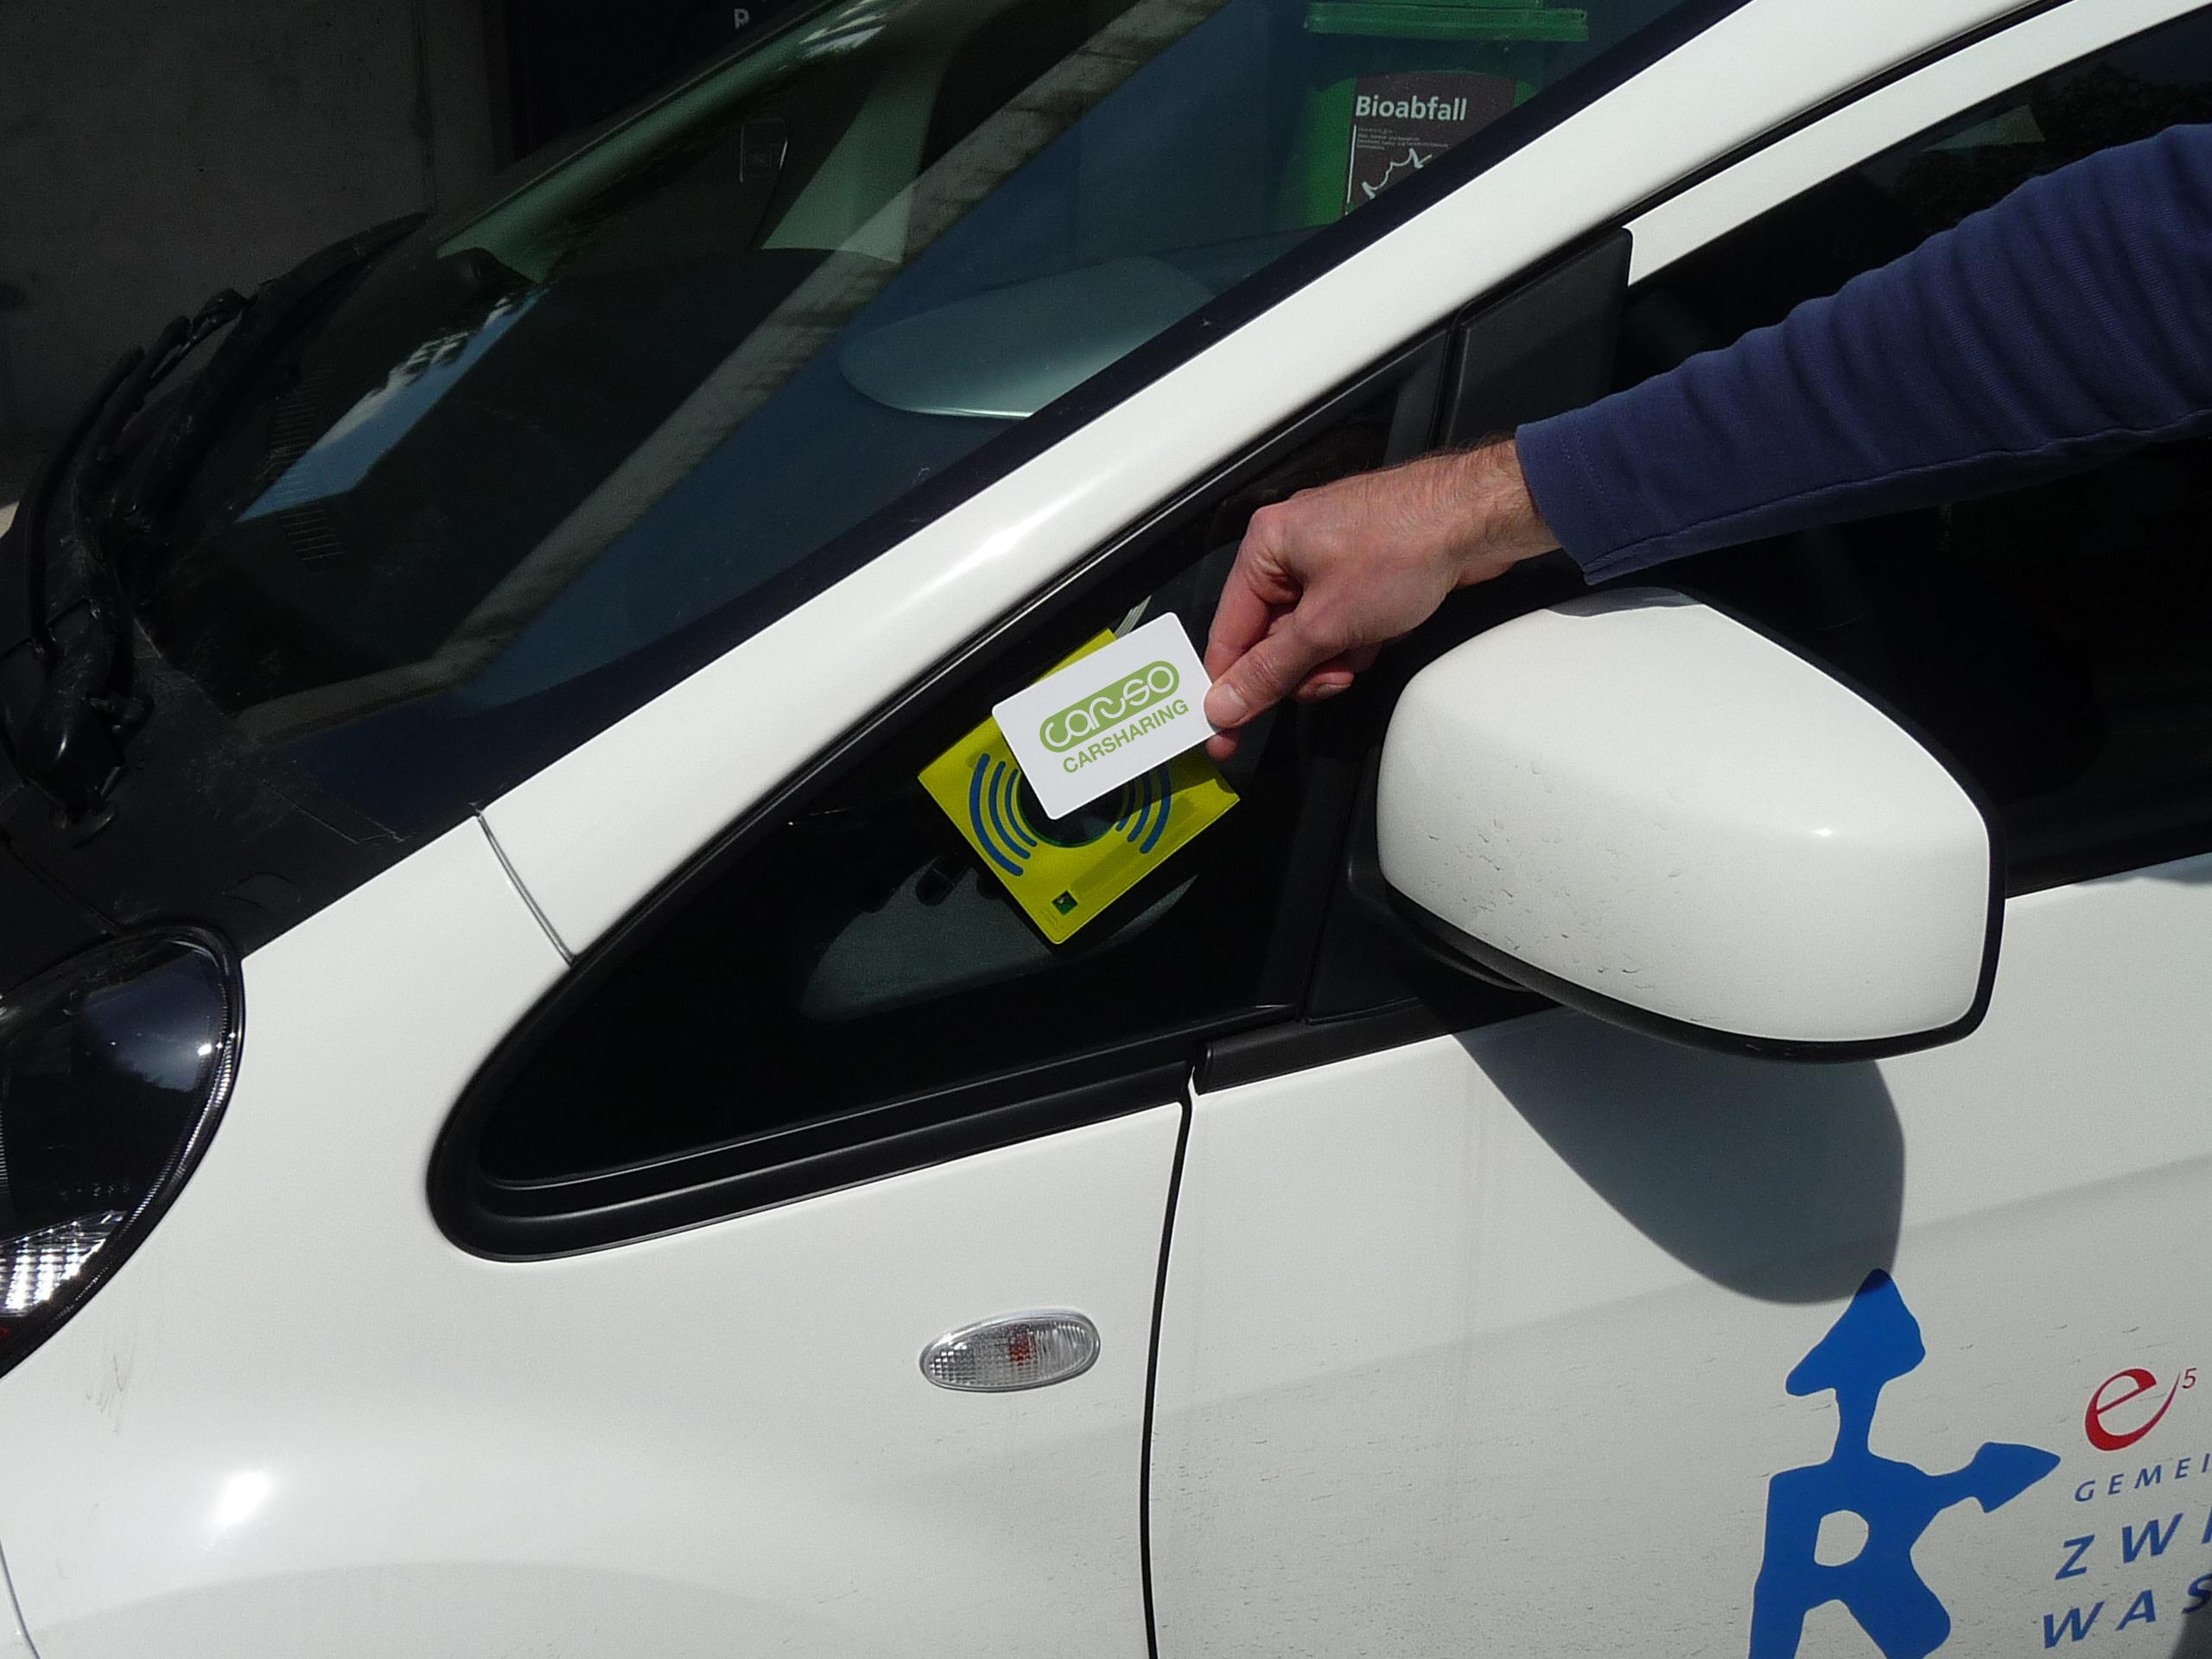 Nahaufnahme Chipkarte beim Chipkartenleser - Auto der Gemeinde Zwischenwasser